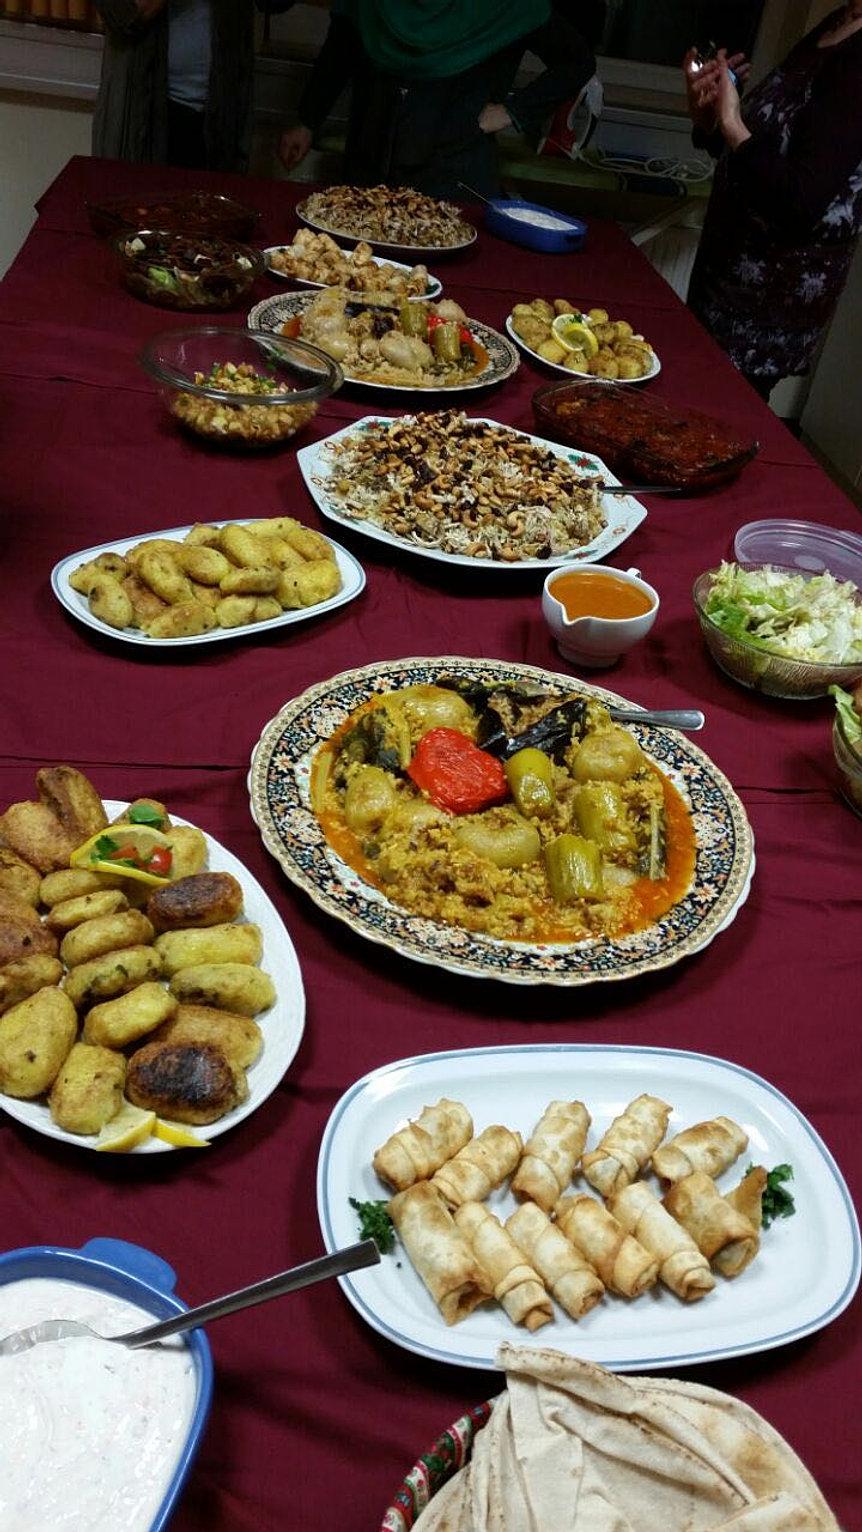 Wieder Hatten Die Frauen Einen Wunderschönen Abend Beim Gemeinsamen Kochen.  Diesmal War Die Irakische Küche Dran.